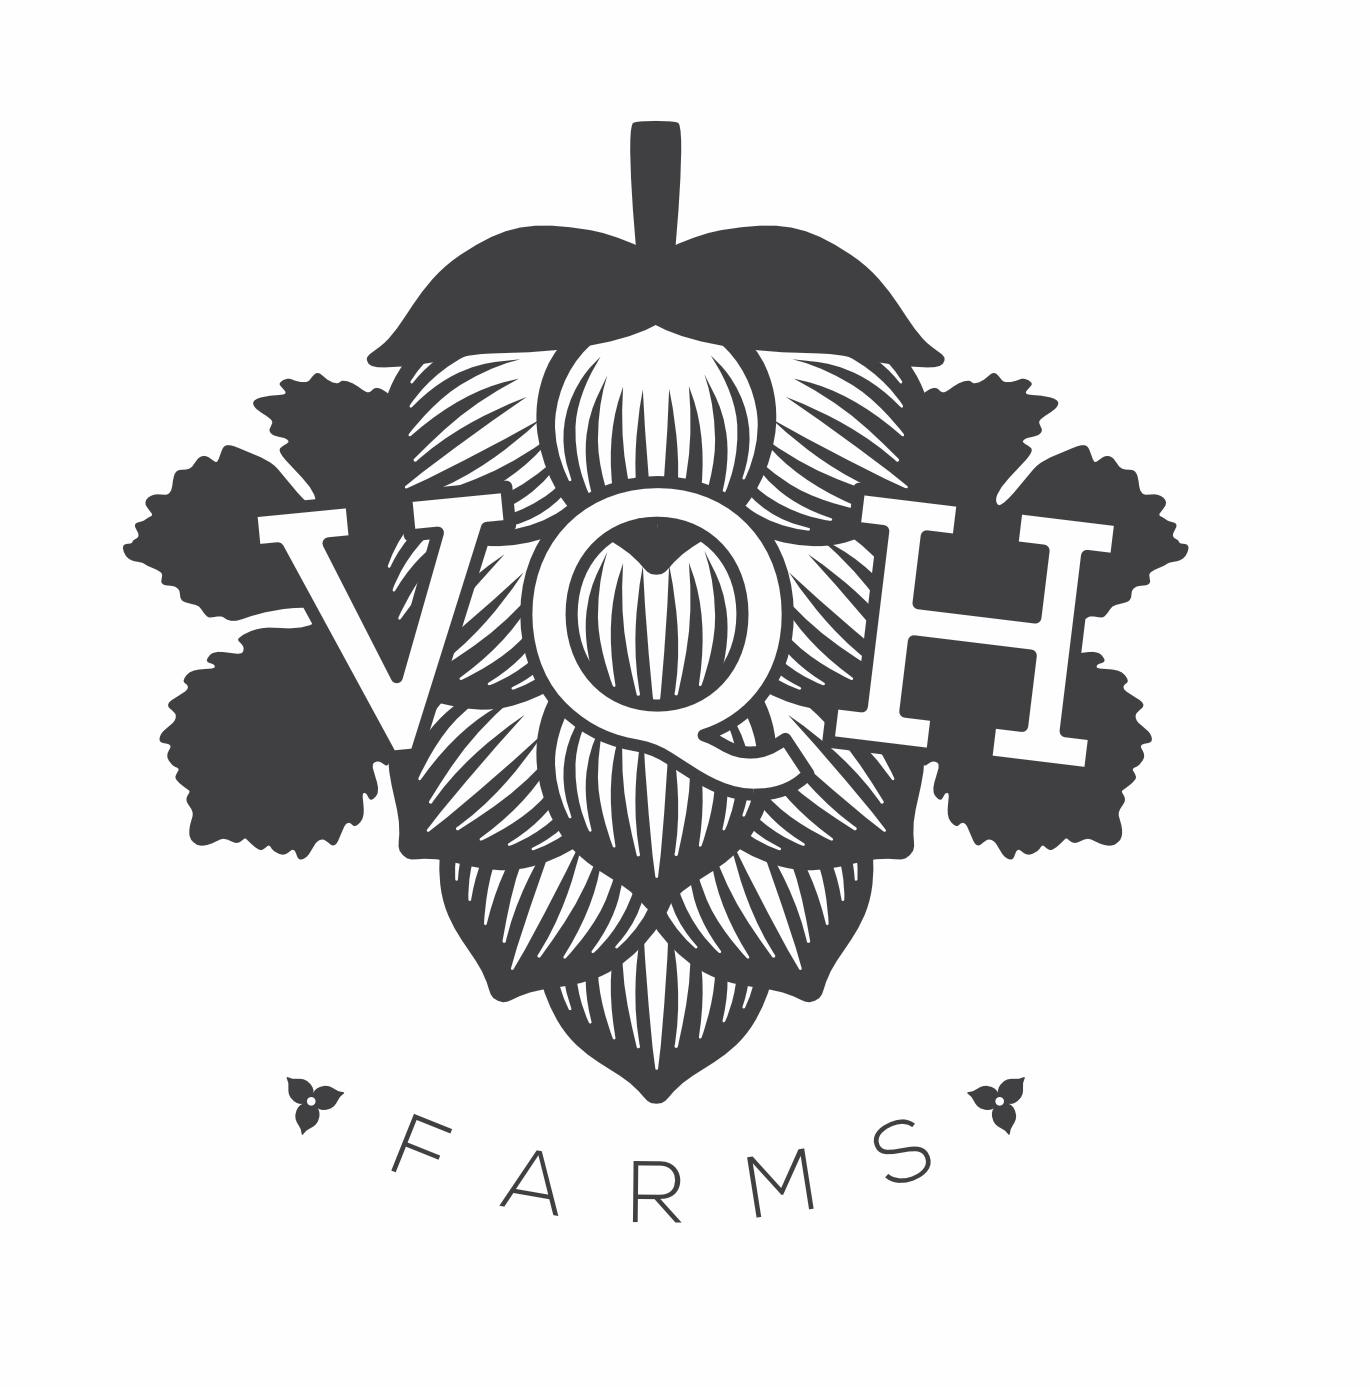 vqh_logo.jpg